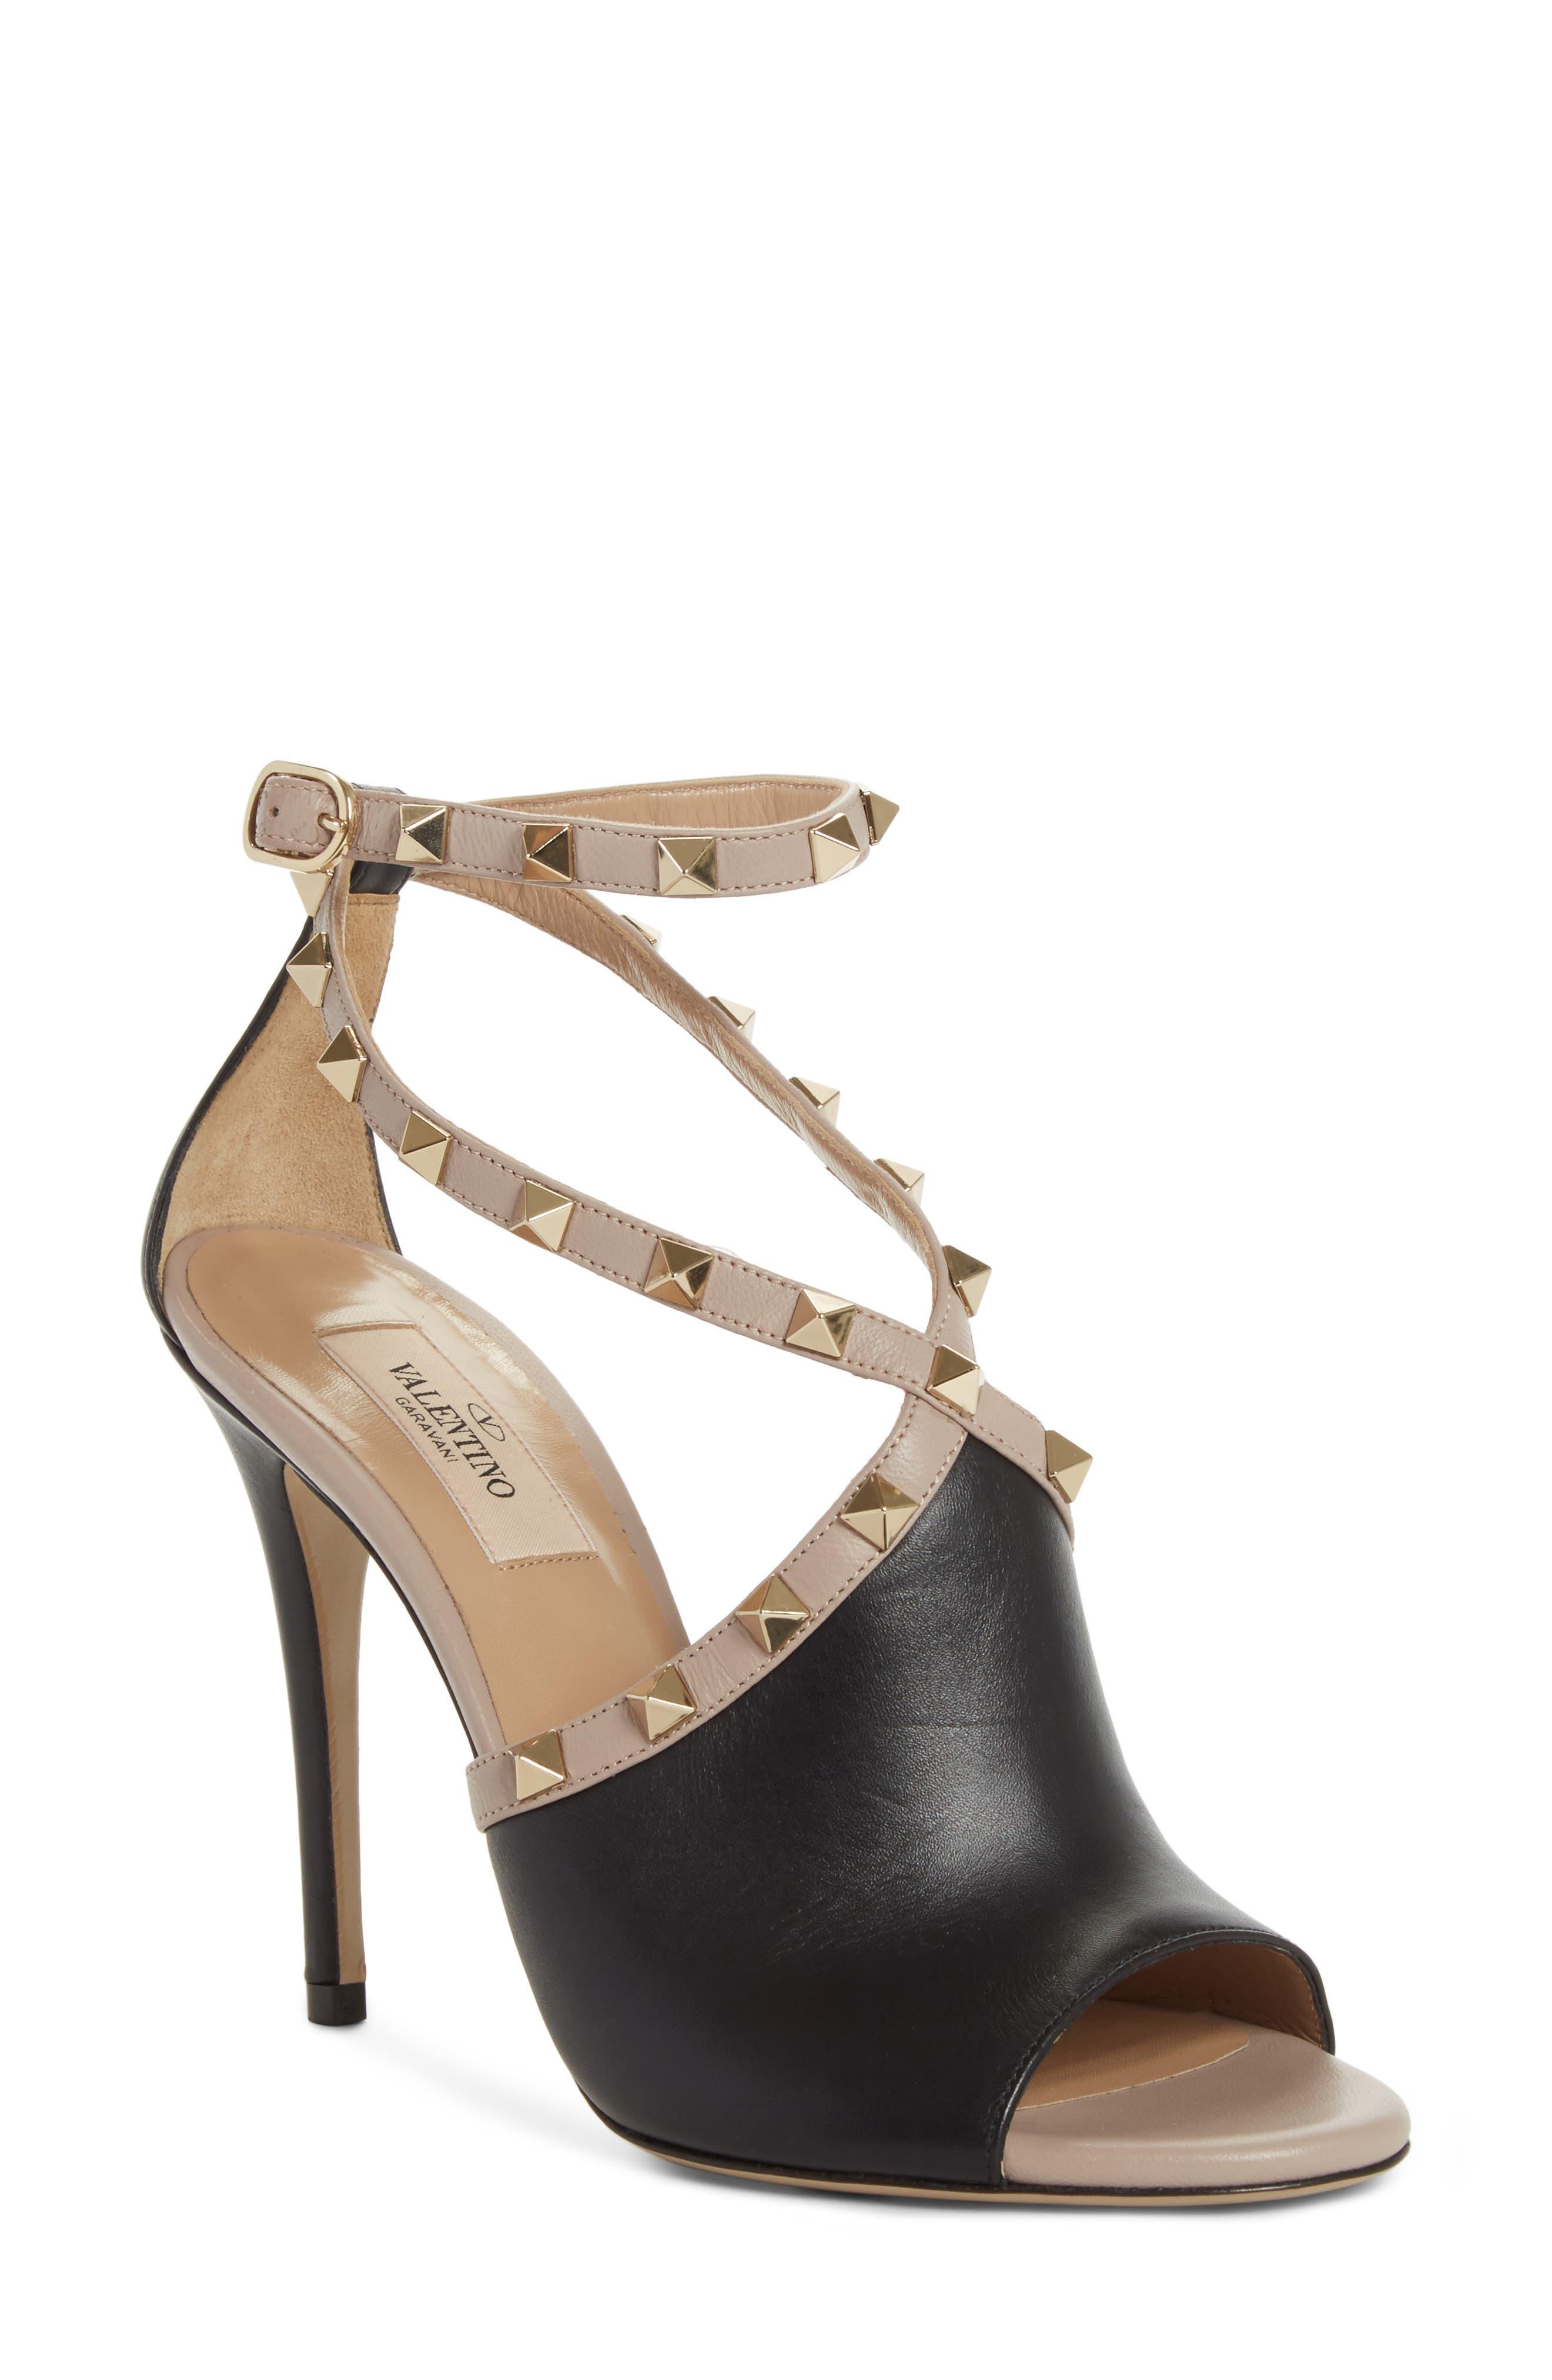 Rockstud Peep Toe Sandal,                         Main,                         color, BLACK/ BEIGE